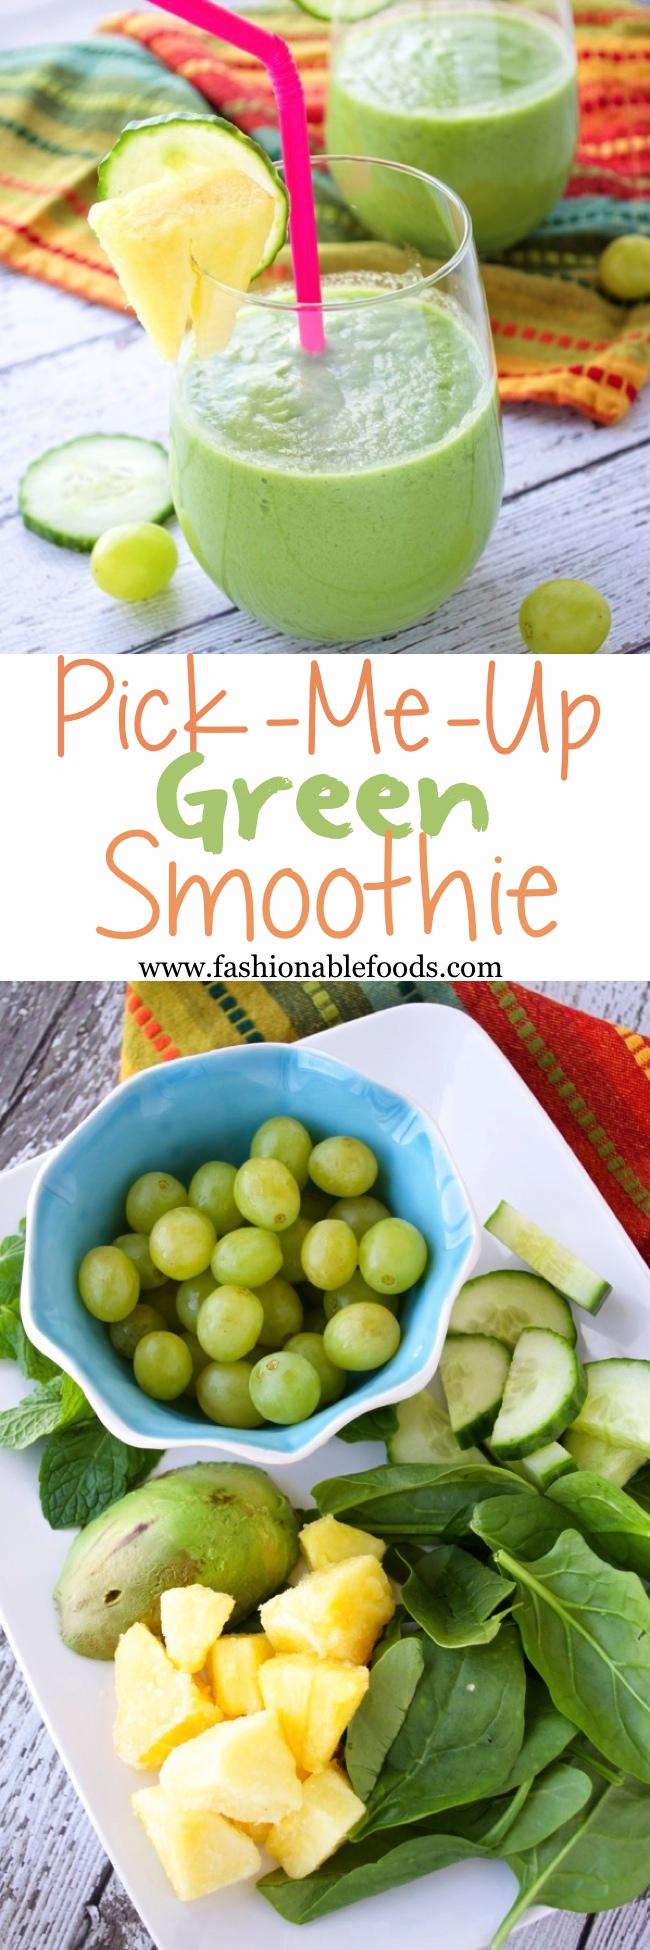 Green Smoothie Pin